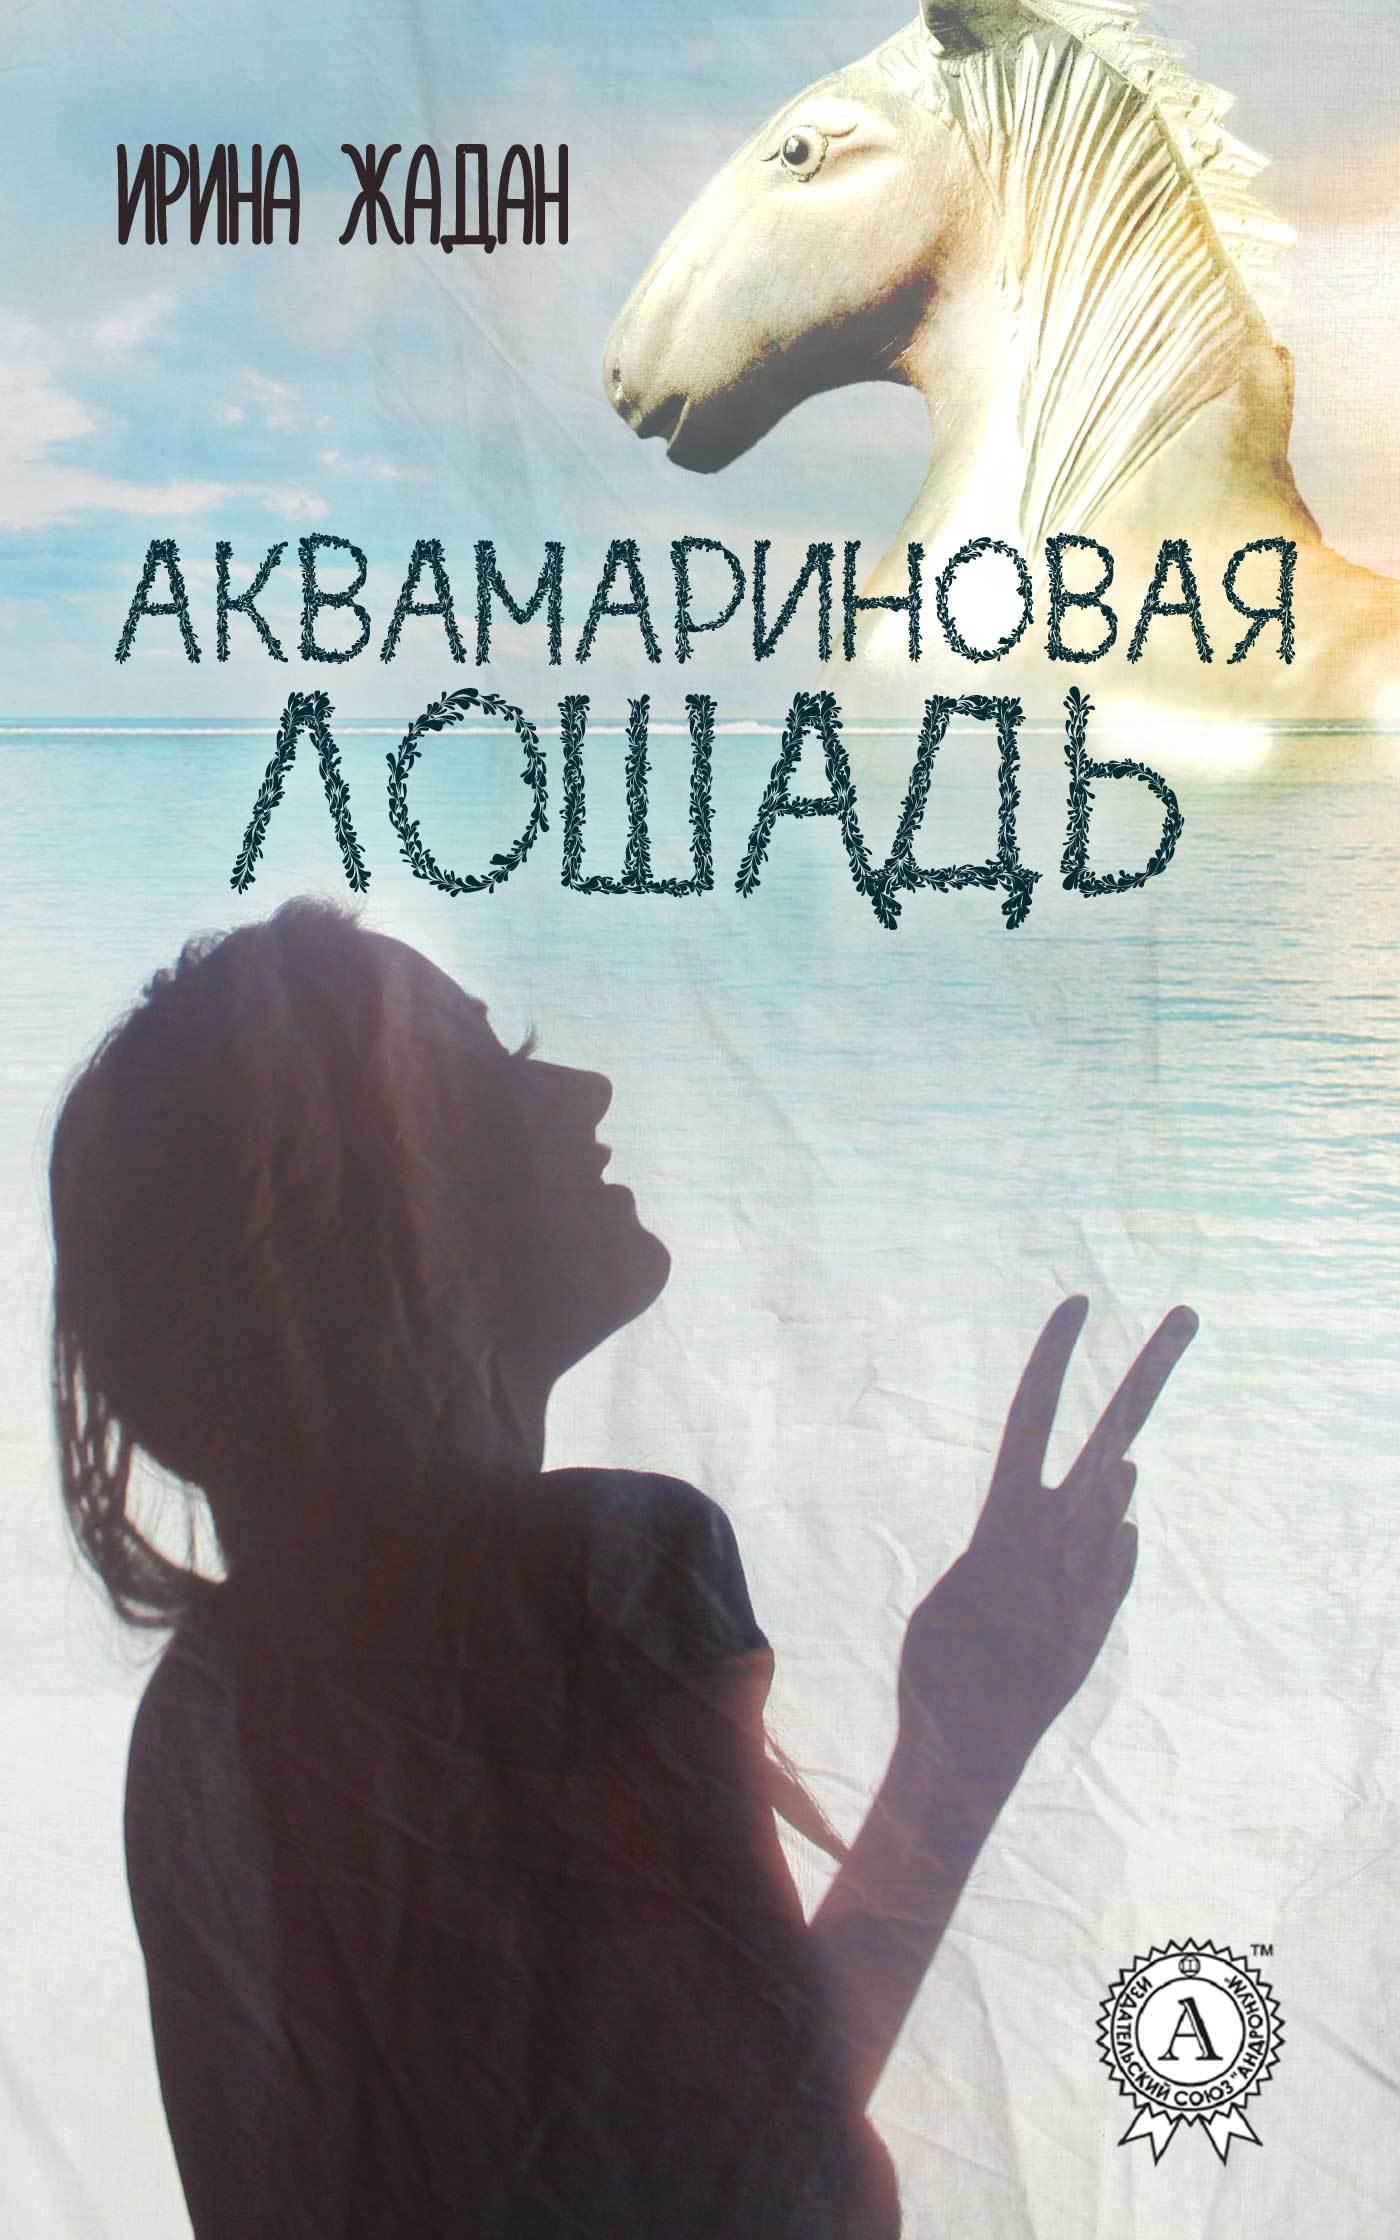 Ирина Жадан Аквамариновая лошадь жадан с в ворошиловград